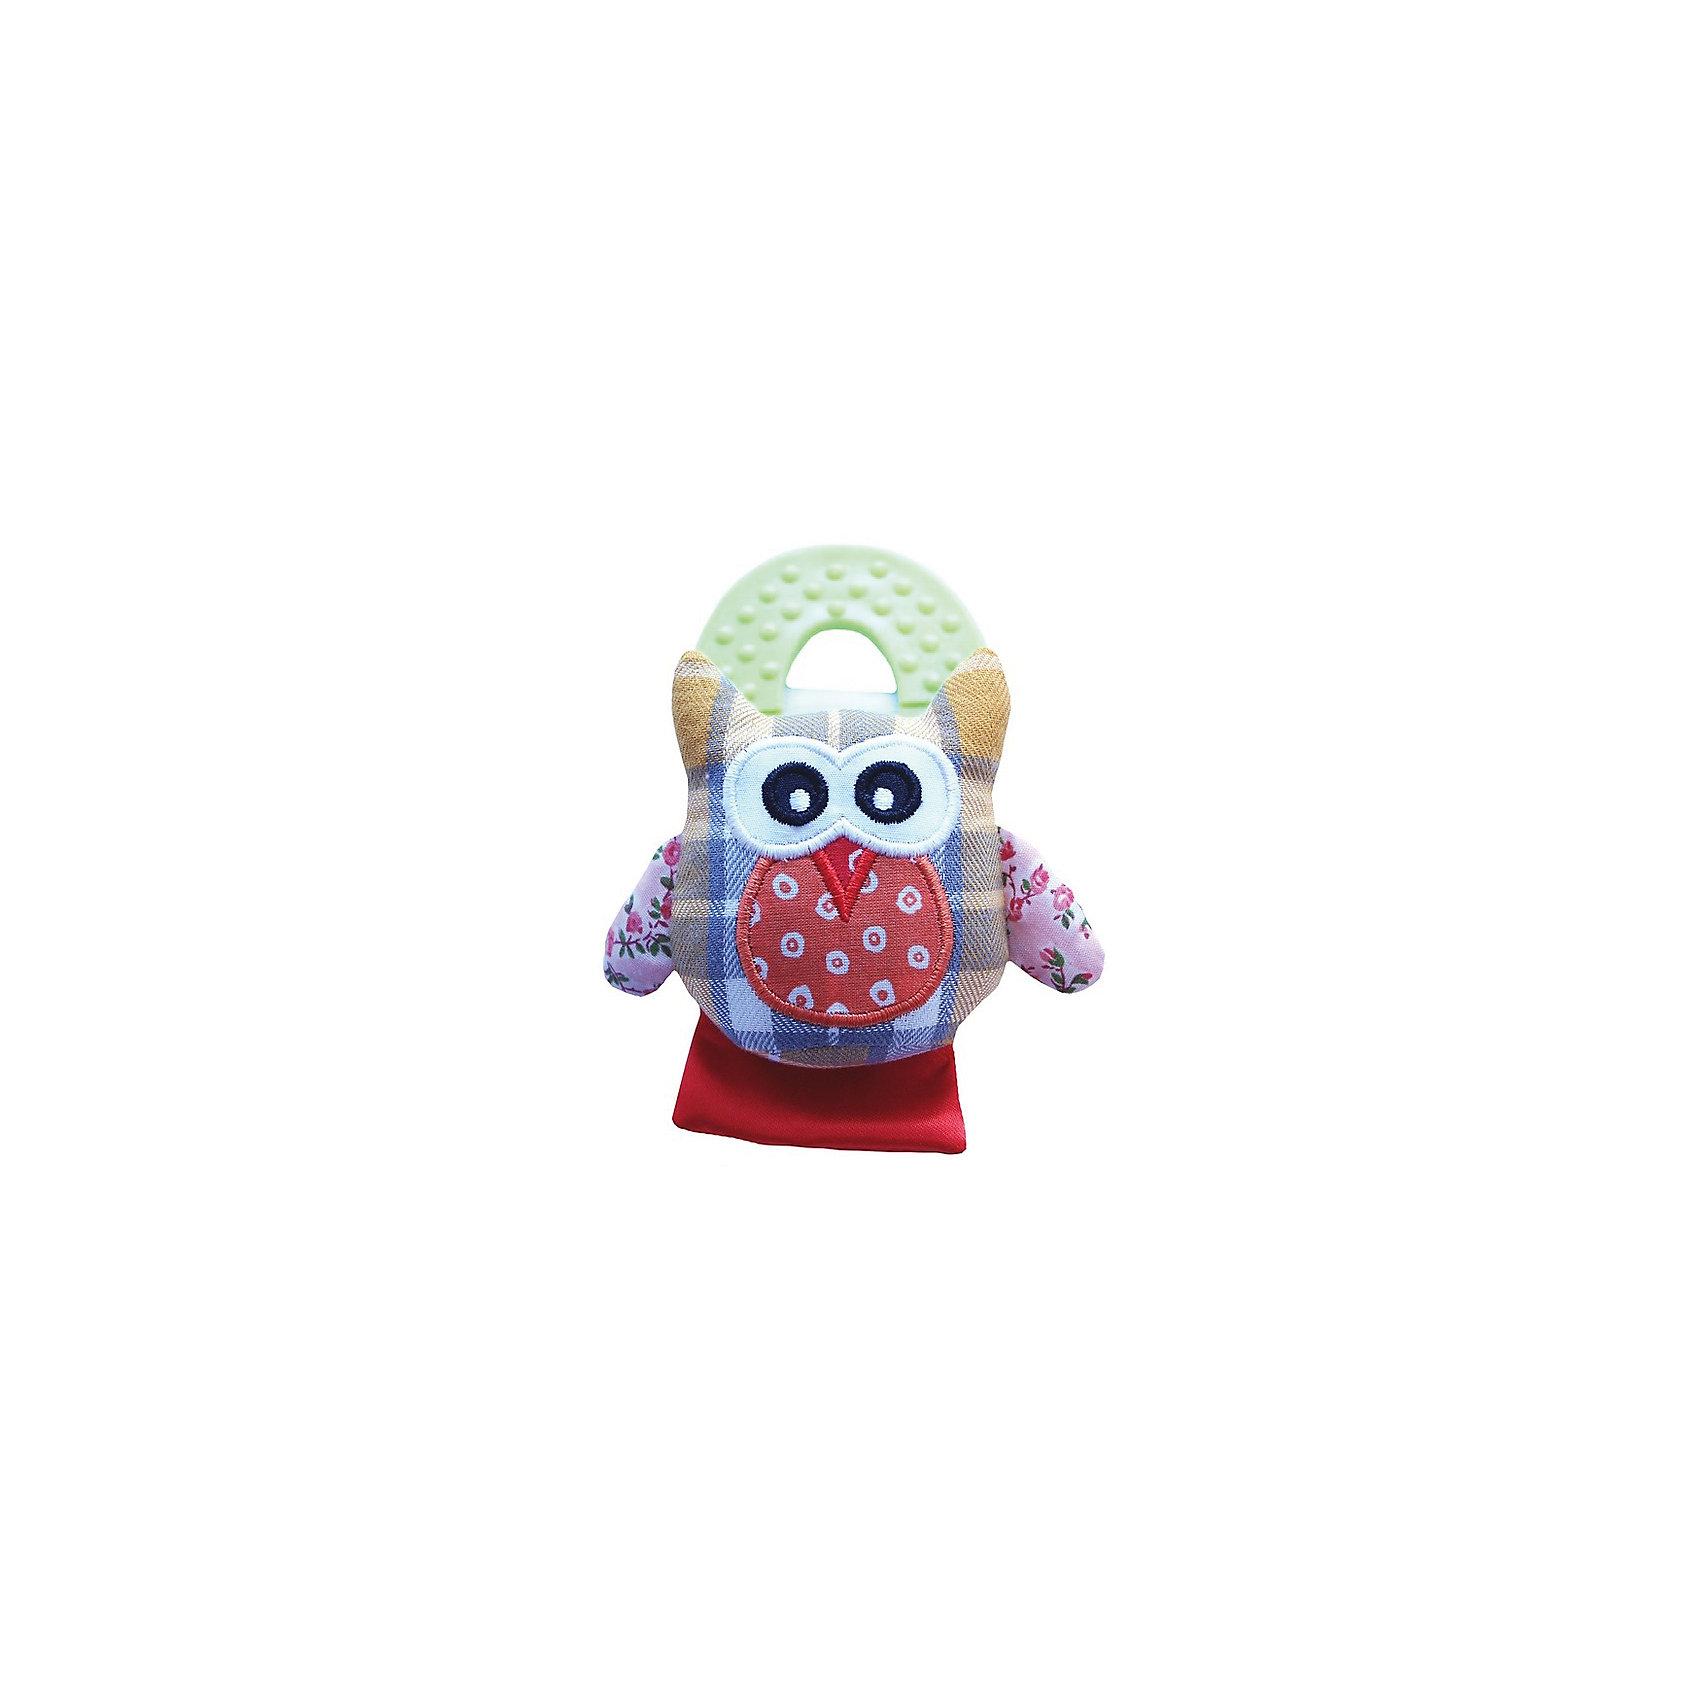 развивающая-игрушка-на-руку-с-проре-зывате-ле-м-сове-нок-угу-roxy-kids